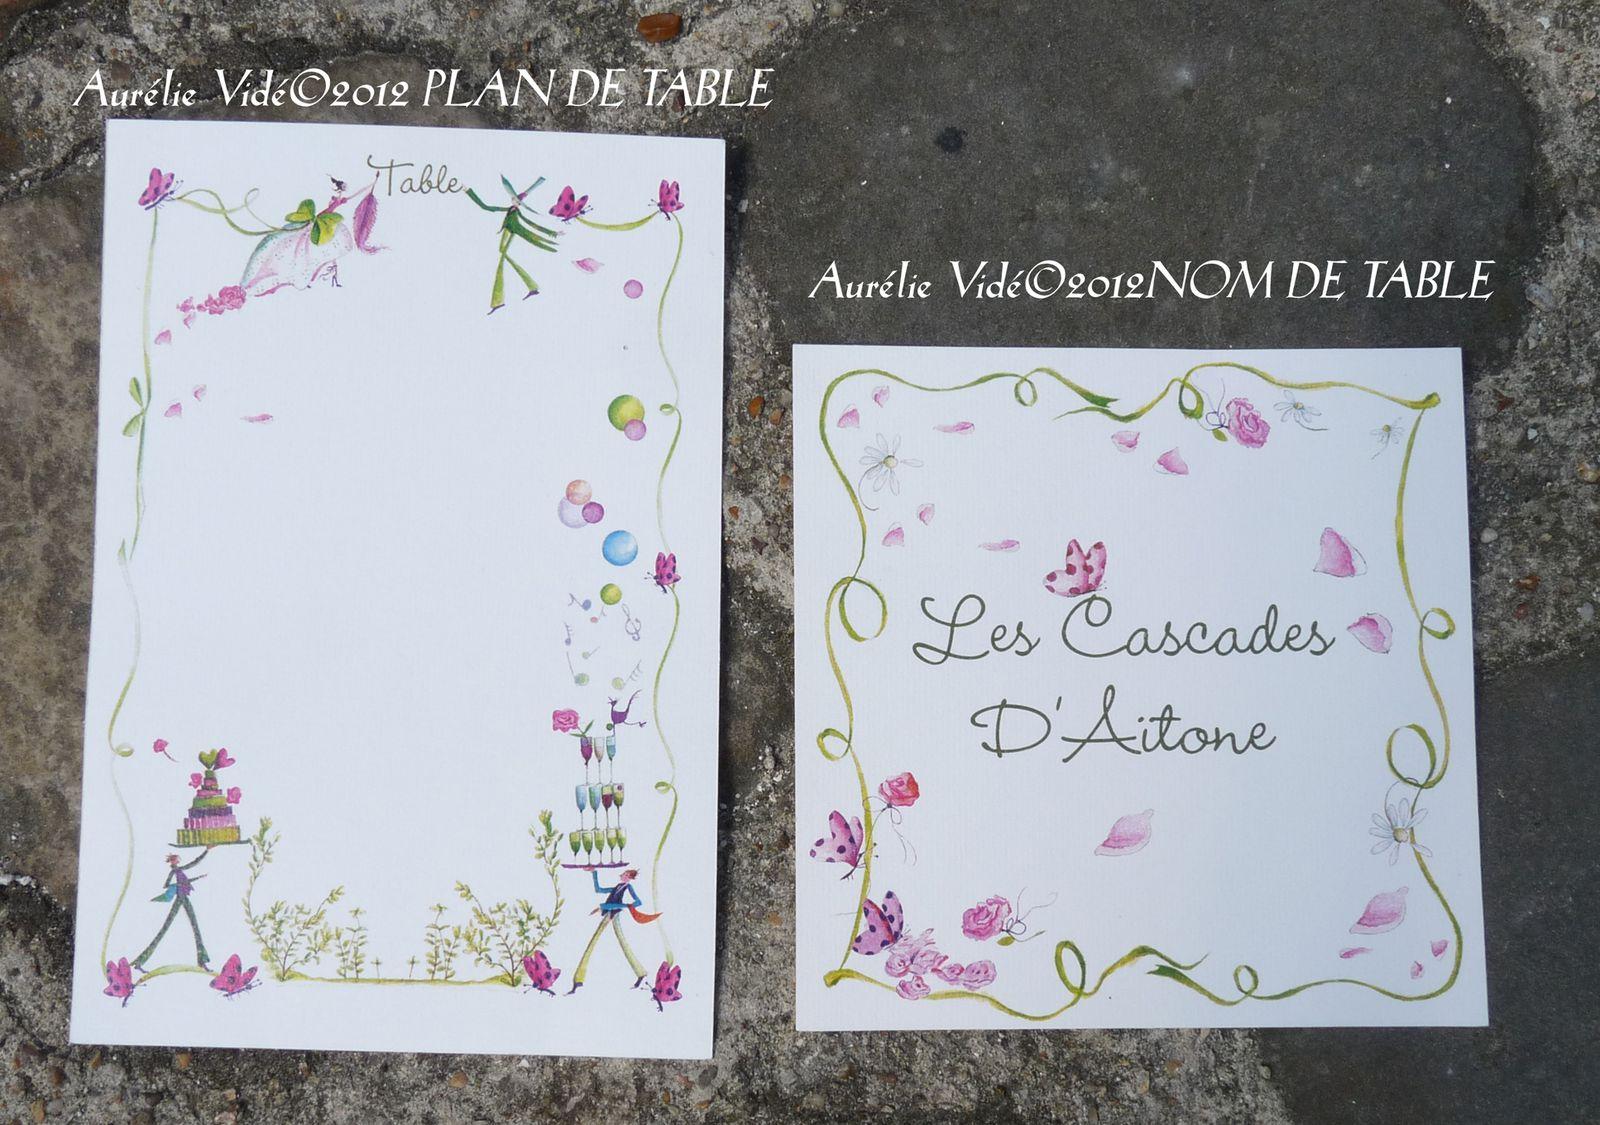 Plan de table Globe-Trotter personnalisé et plan de table du Oui rose et vert et son nom de table.